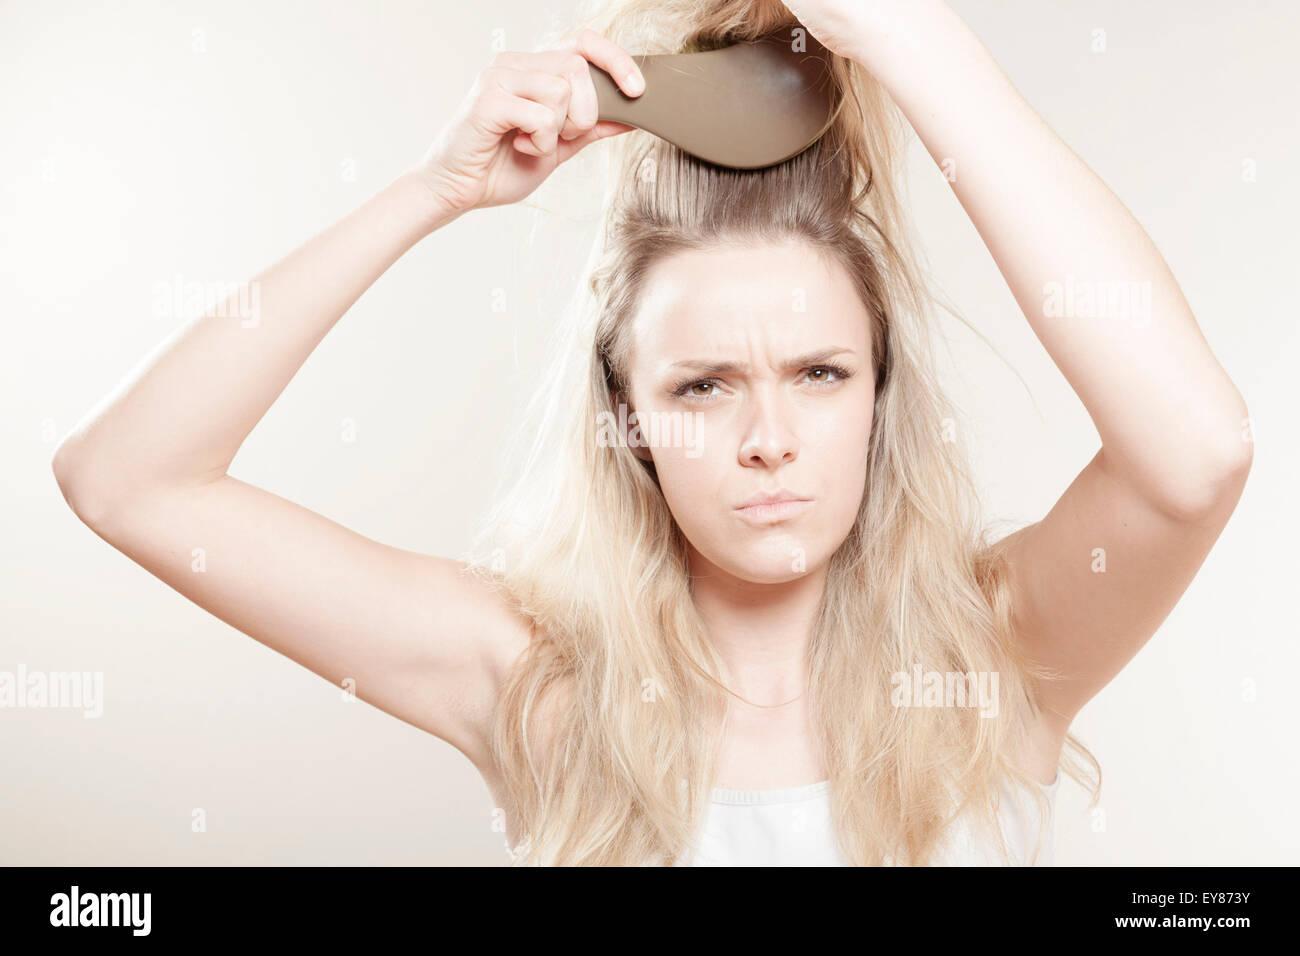 Junge Frau ihr Haar Bürsten Stockbild